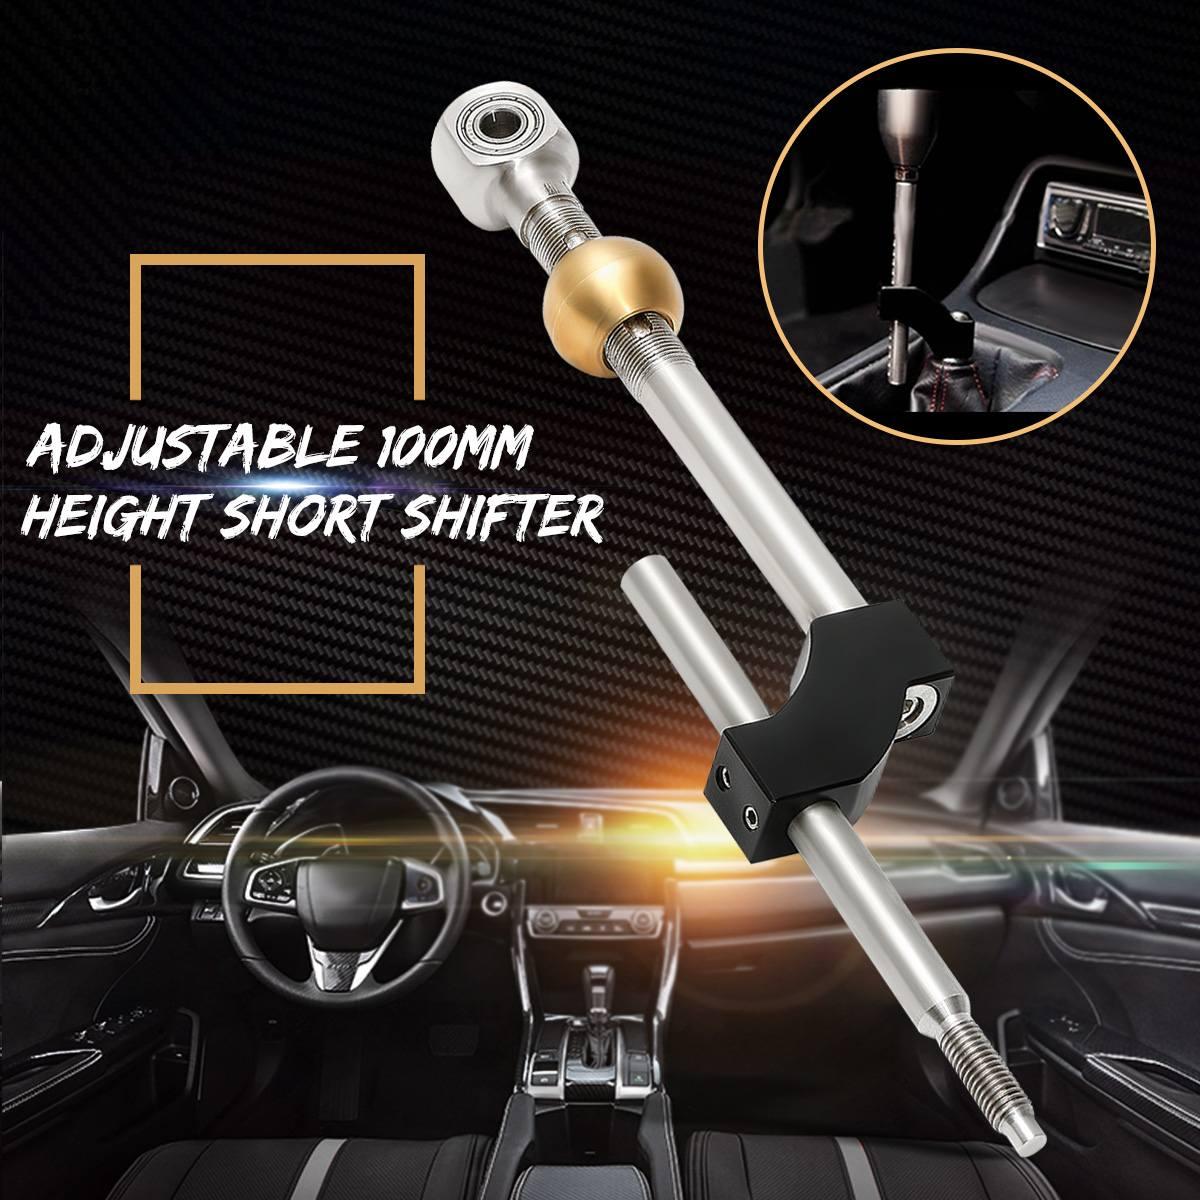 Réglable 100mm Hauteur Court manette de vitesse pour Honda Civique En Acier Inoxydable En Aluminium Hauteur Hauteur Double Court Manette de vitesse vitesses avant